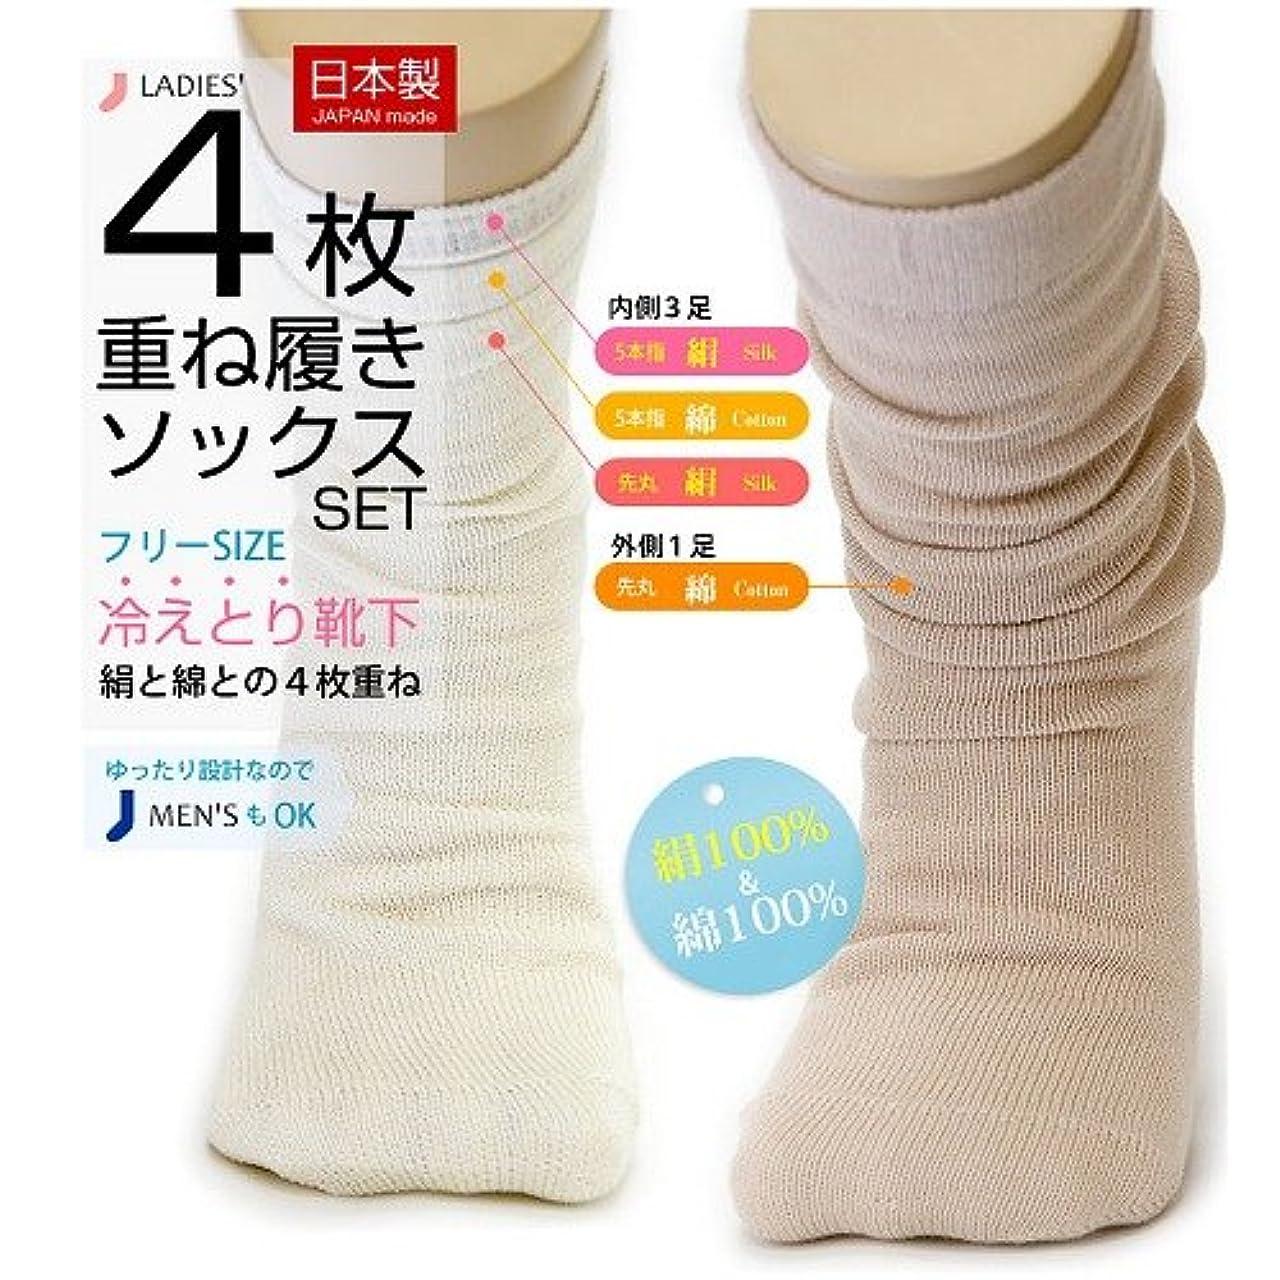 経験密輸一掃する冷え取り靴下 綿100%とシルク100% 最高級の日本製 4枚重ねばきセット(外側ライトグレー)